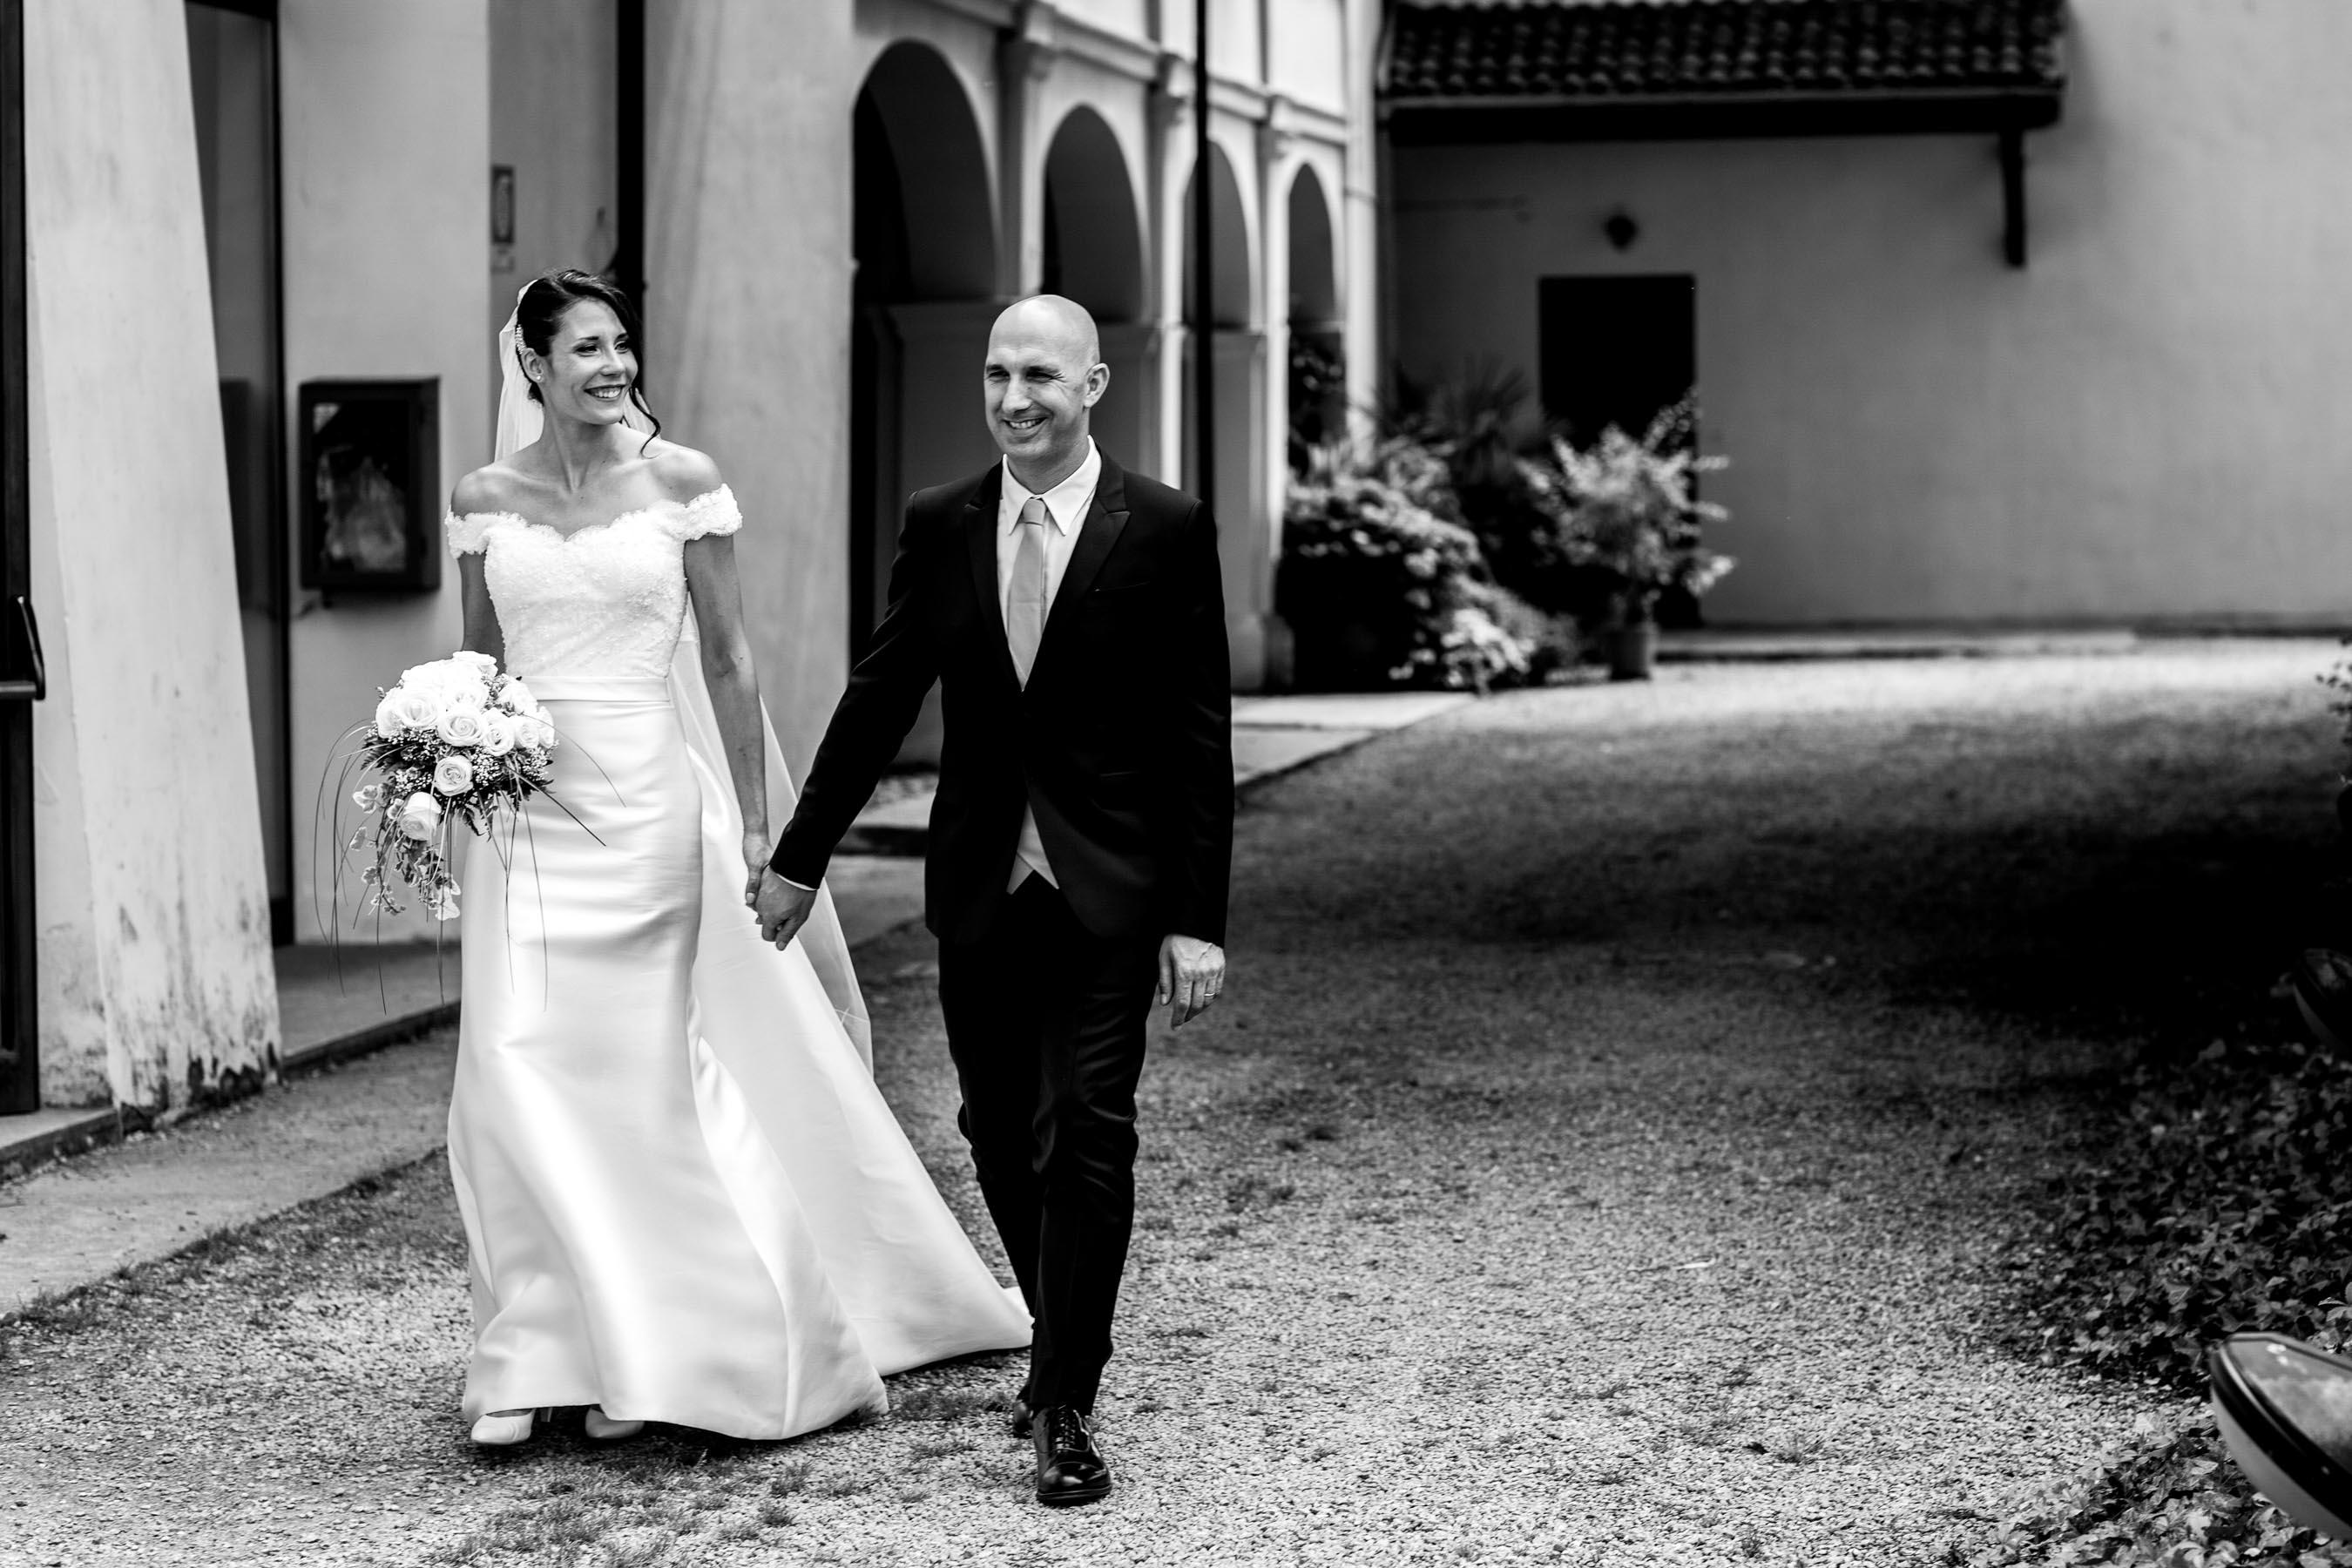 art foto_torino_monica sica photography_la vià _cavour_ fotografo matrimonio_torino-50